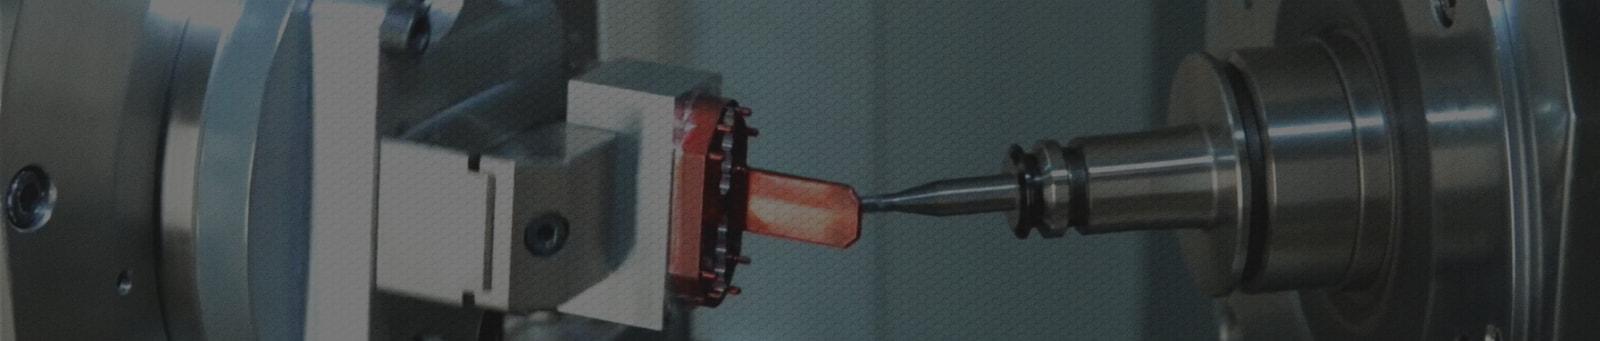 Amazing Https://www.kitamura Machinery.com/